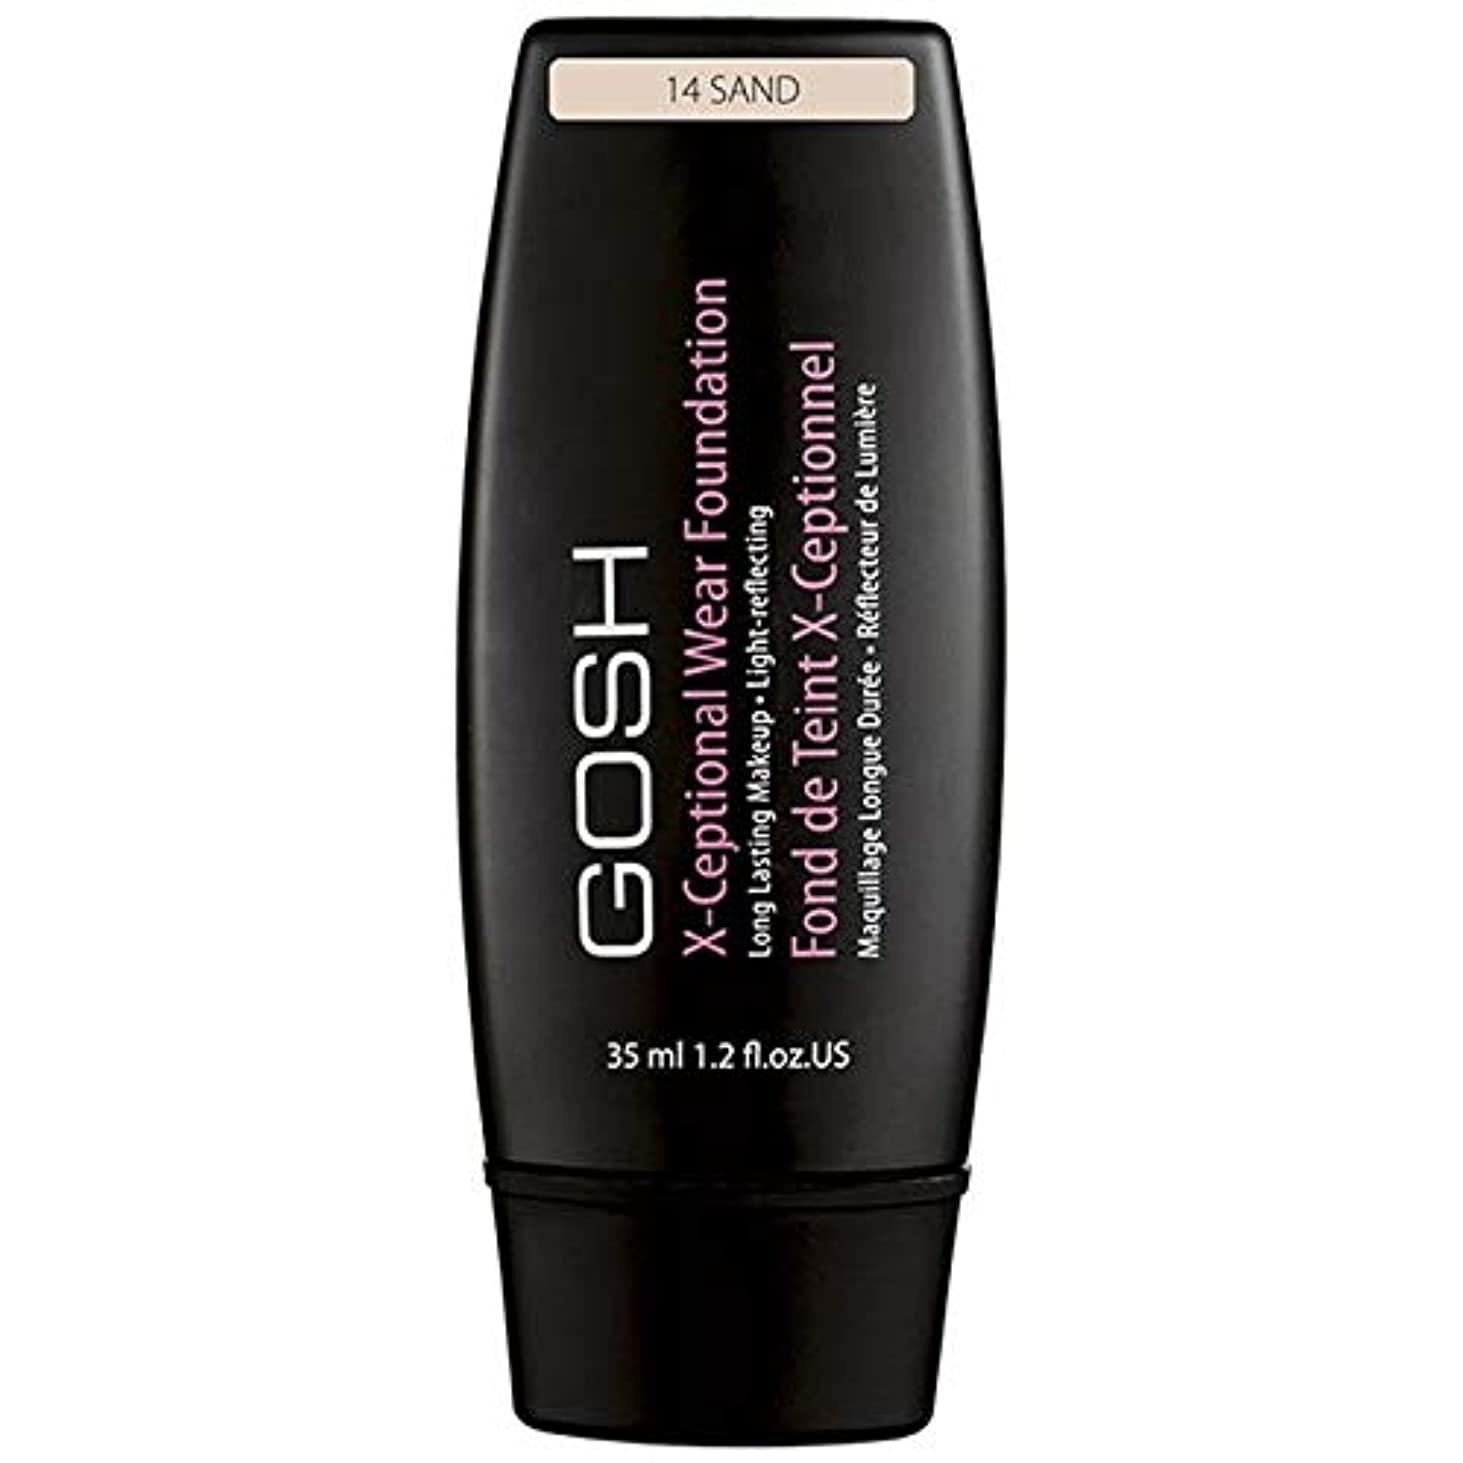 弁護人ブレーキクリーム[GOSH ] おやっX-Ceptional砂14を構成して着用 - Gosh X-Ceptional Wear Make Up Sand 14 [並行輸入品]